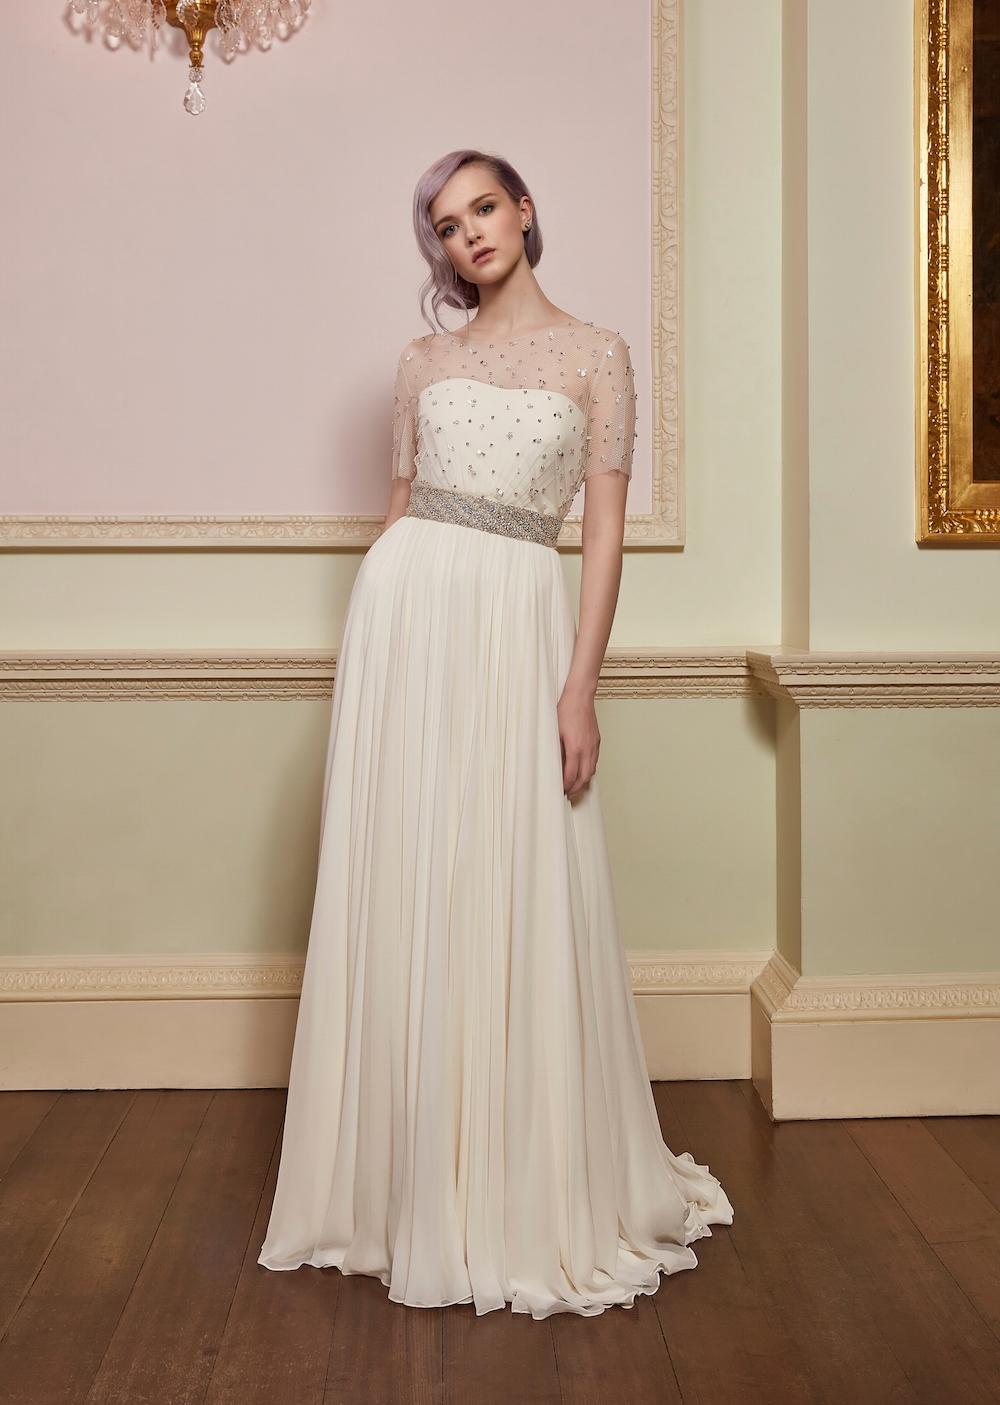 Jenny Packham Kollektion 2018 ~ Brautkleider mit Hollywood-Glam